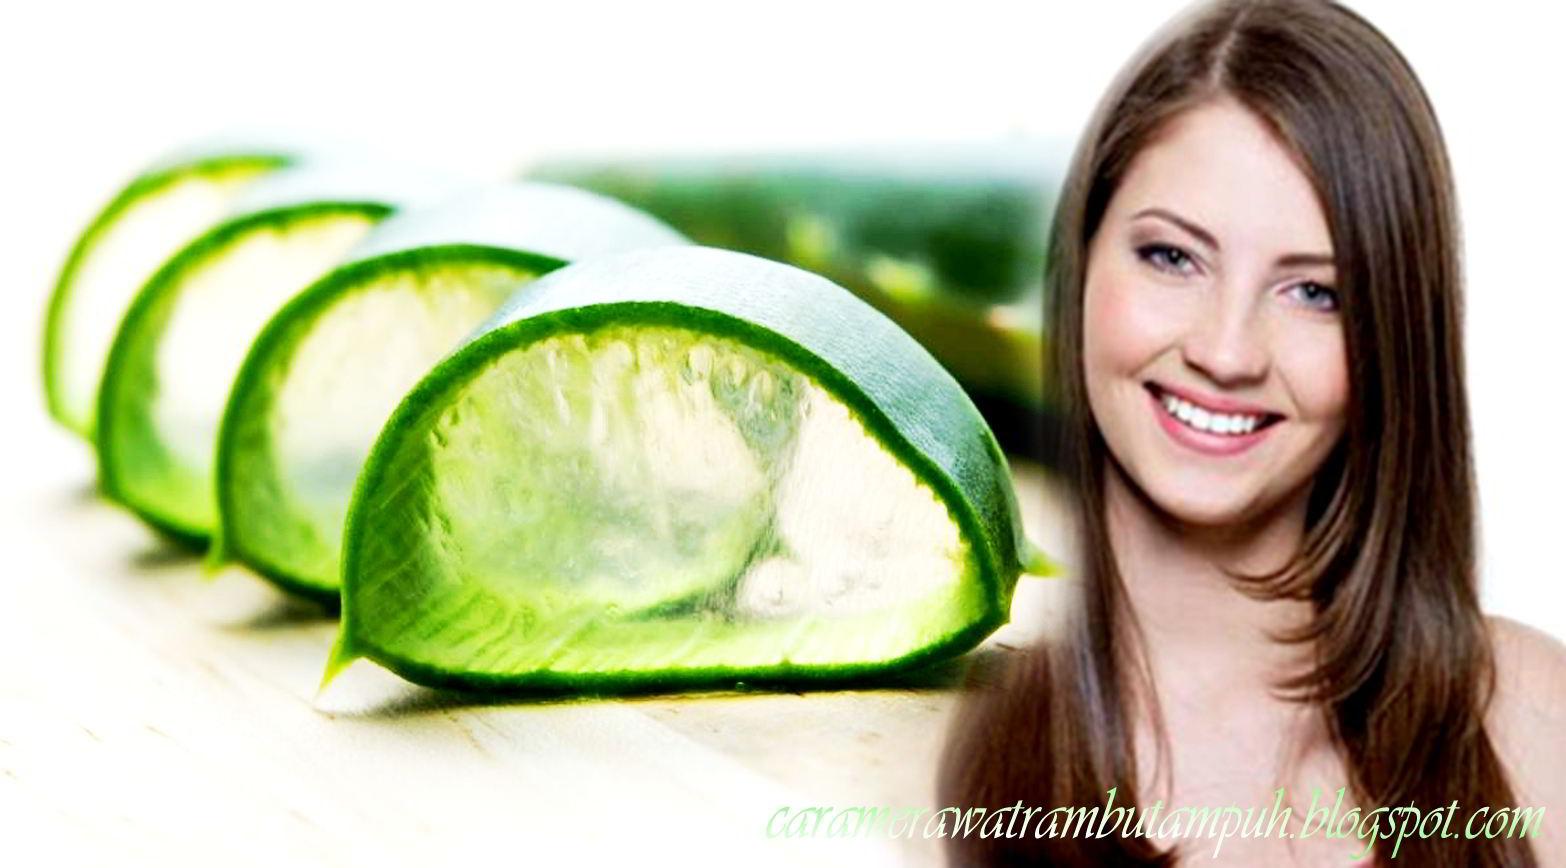 Obat Penumbuh Rambut dari Jus Sayuran dan Buah Alami